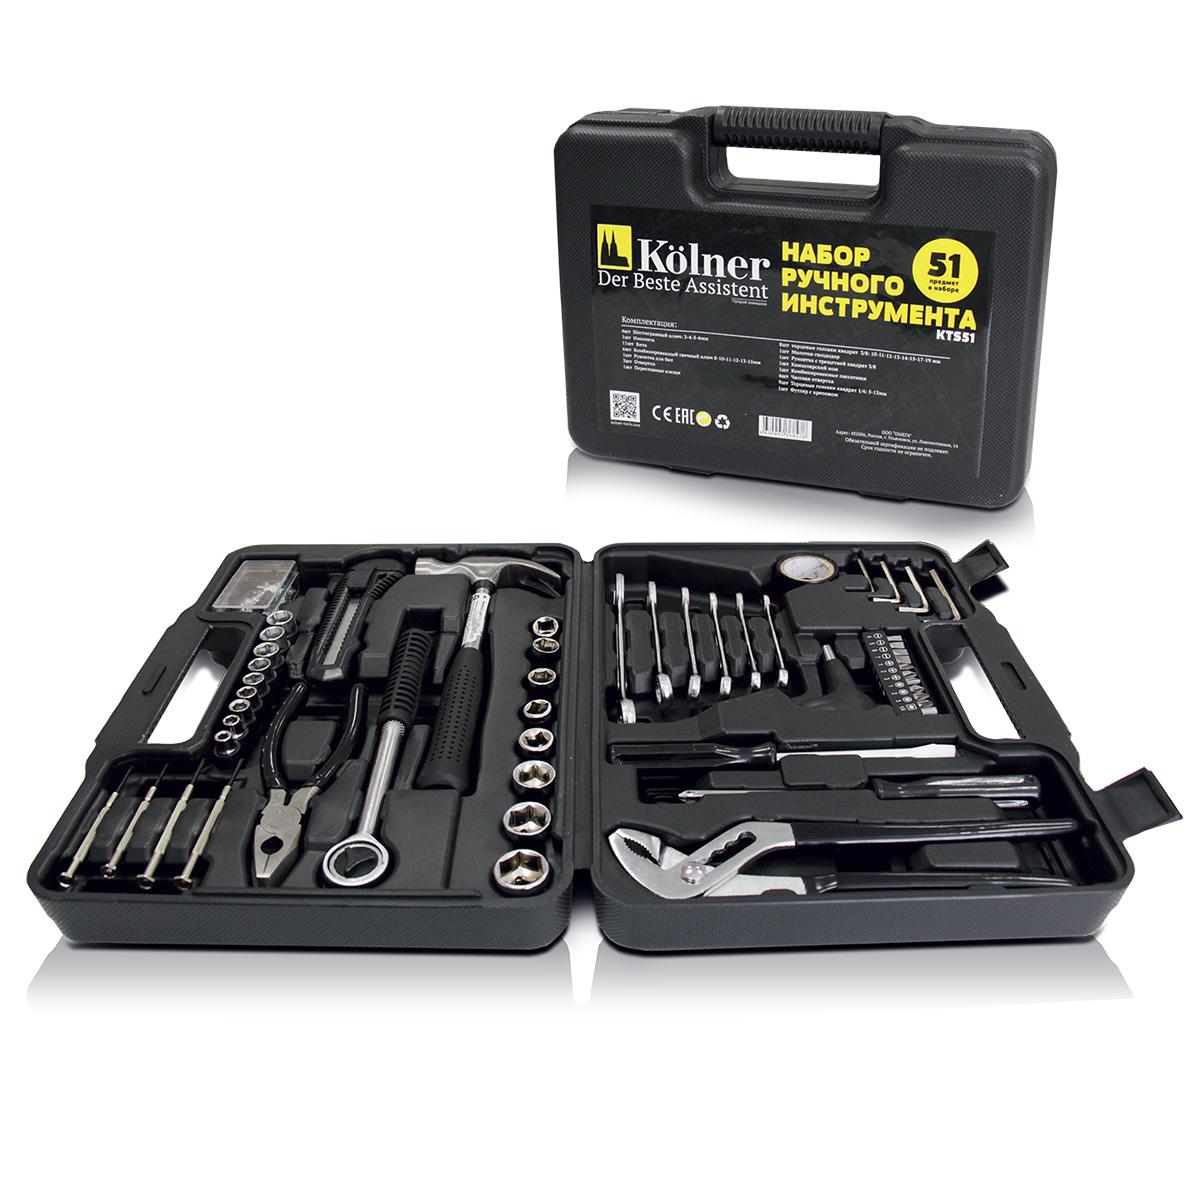 Набор ручного инструмента Kolner KTS, в пластиковом кейсе, 51 предмет stanley 500мм 7tpi 2шт 0 20 244